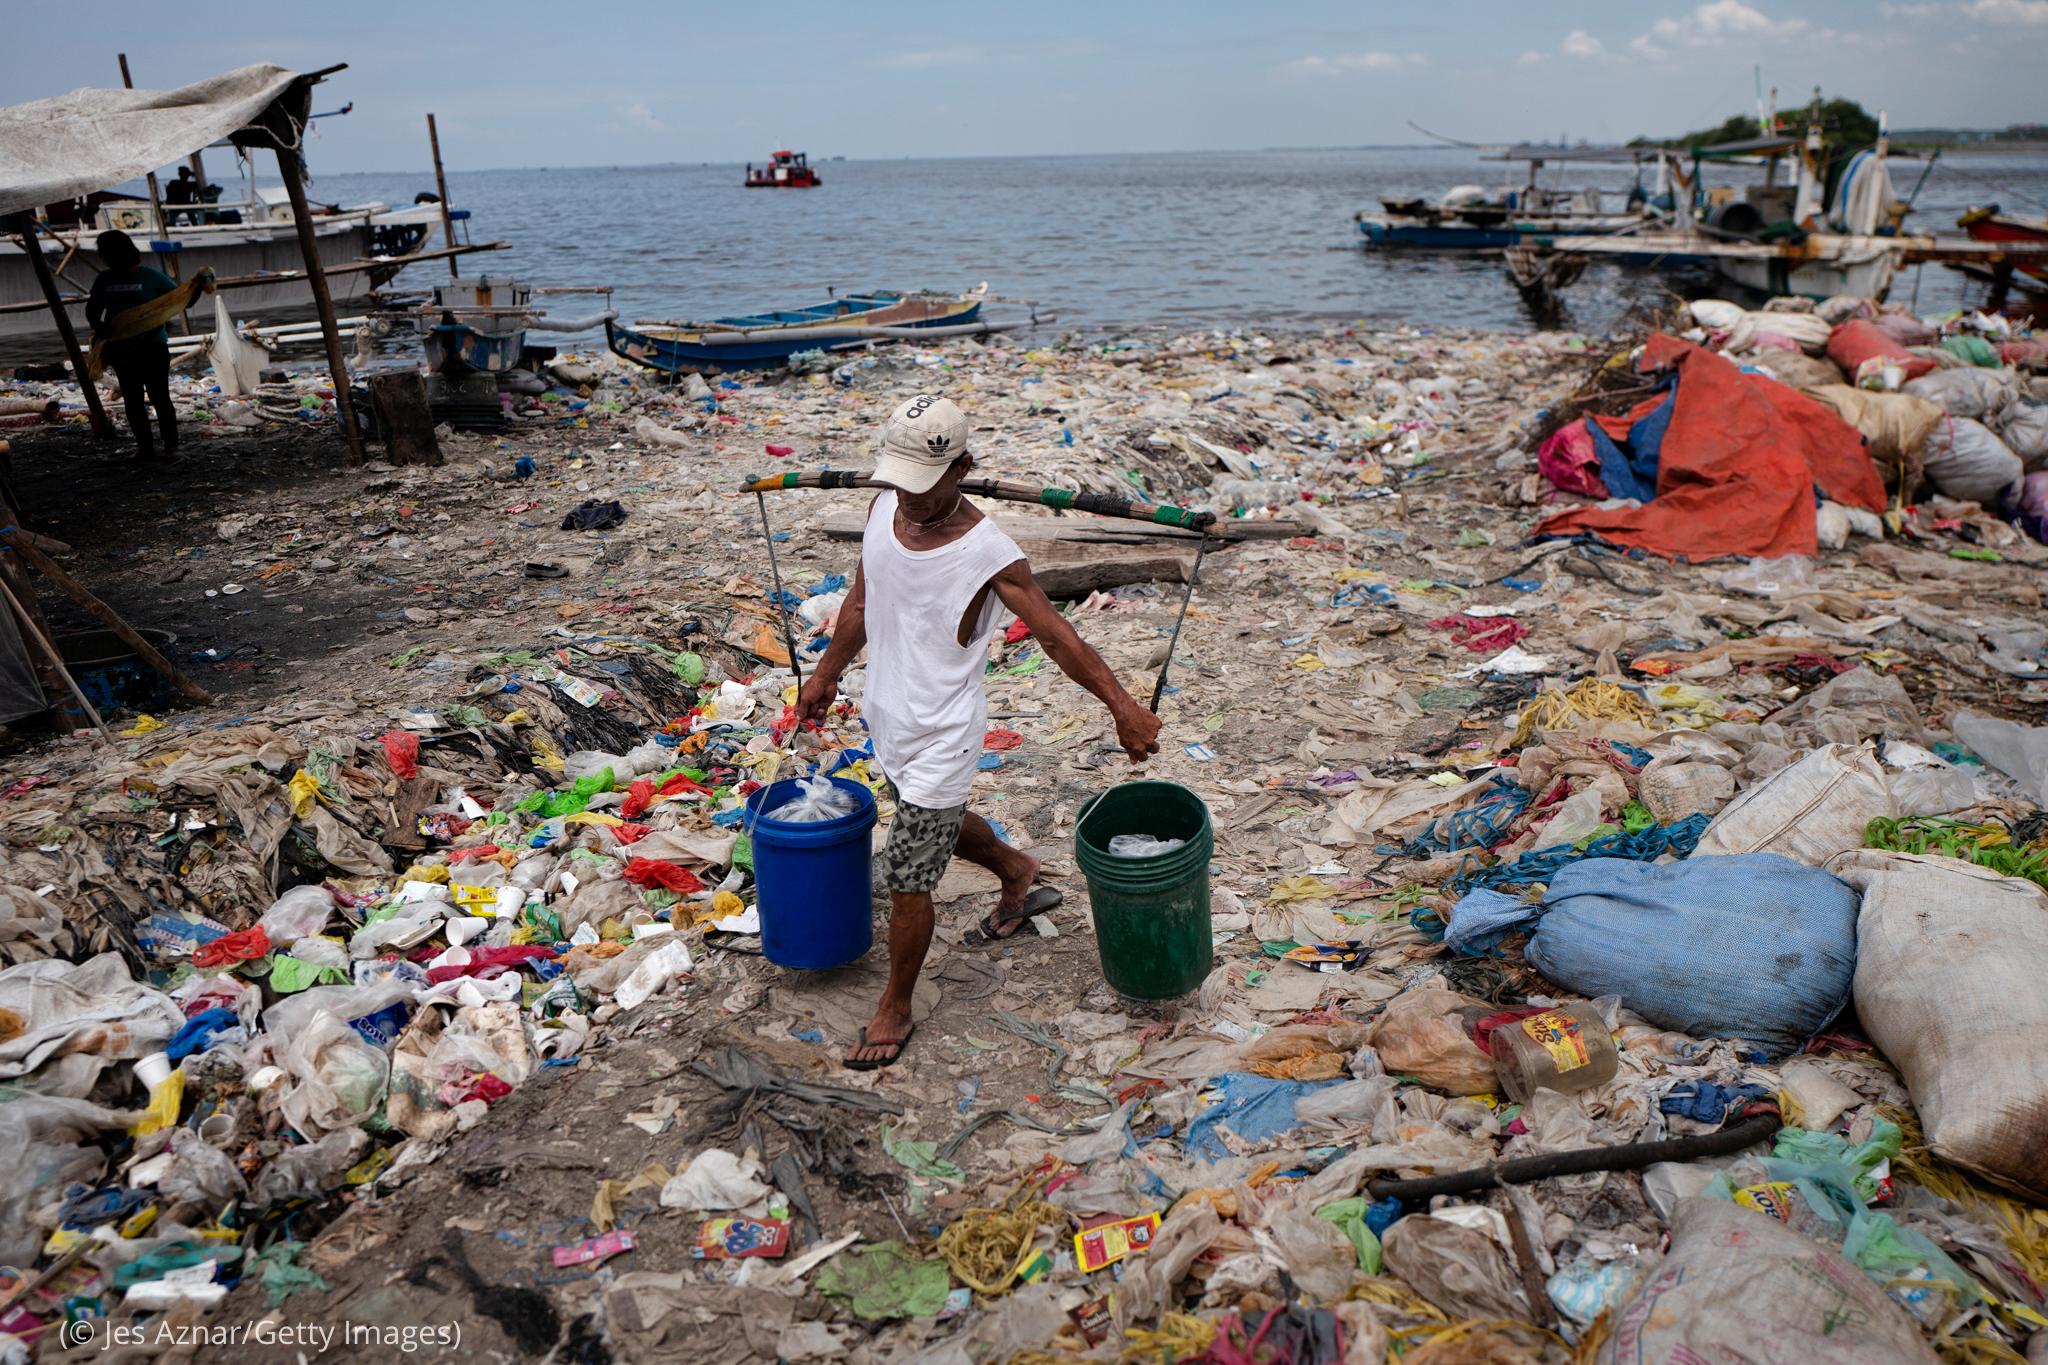 Un homme portant deux seaux et marchant sur une plage jonchée d'ordures (© Jes Aznar/Getty Images)